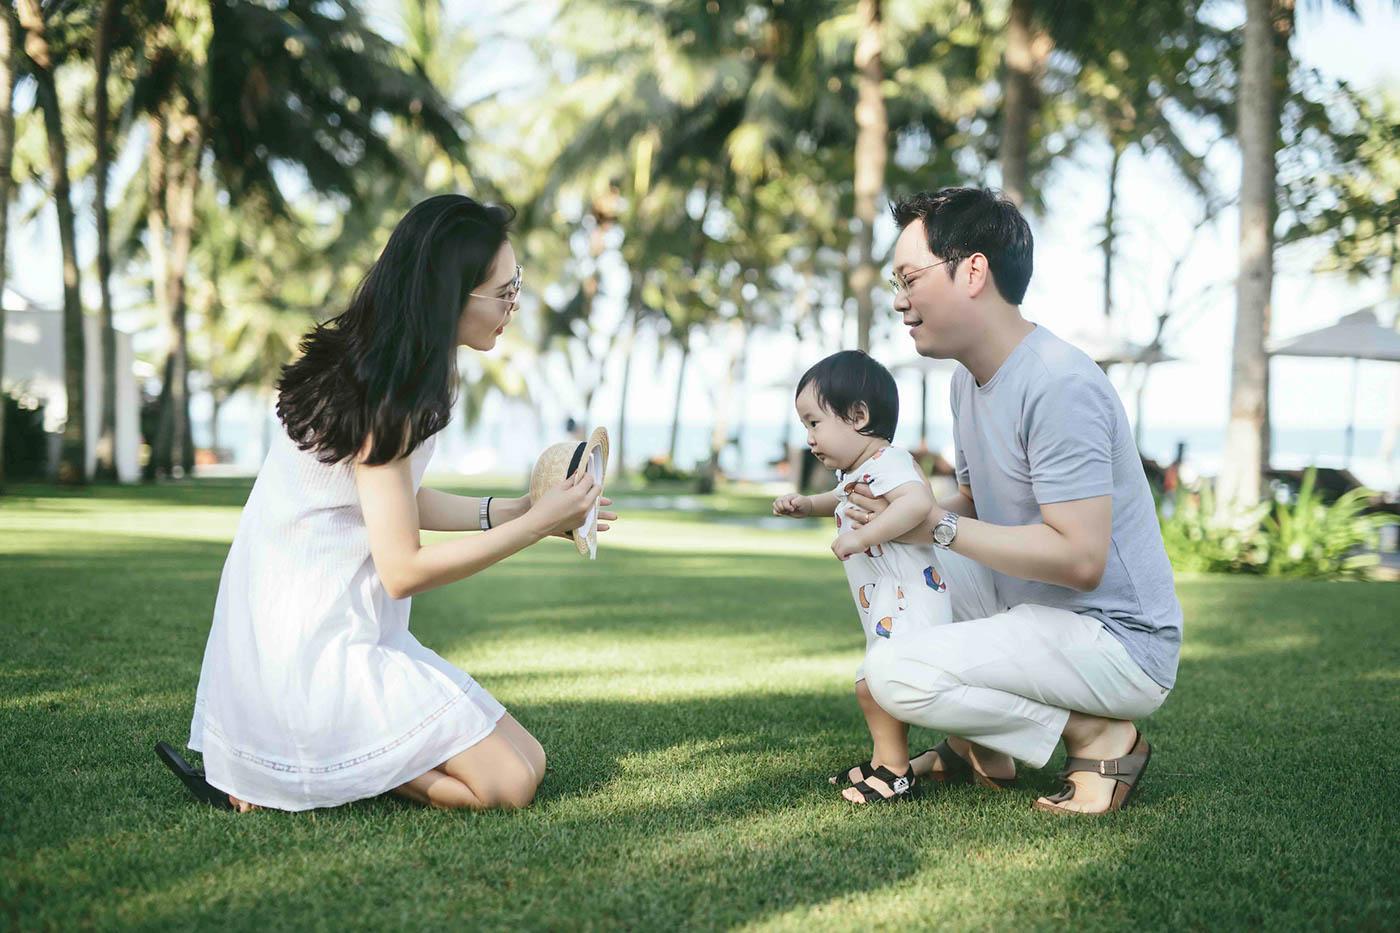 Chia sẻ kinh nghiệm chăm con cực nhàn cho các Mẹ bỉm sữa